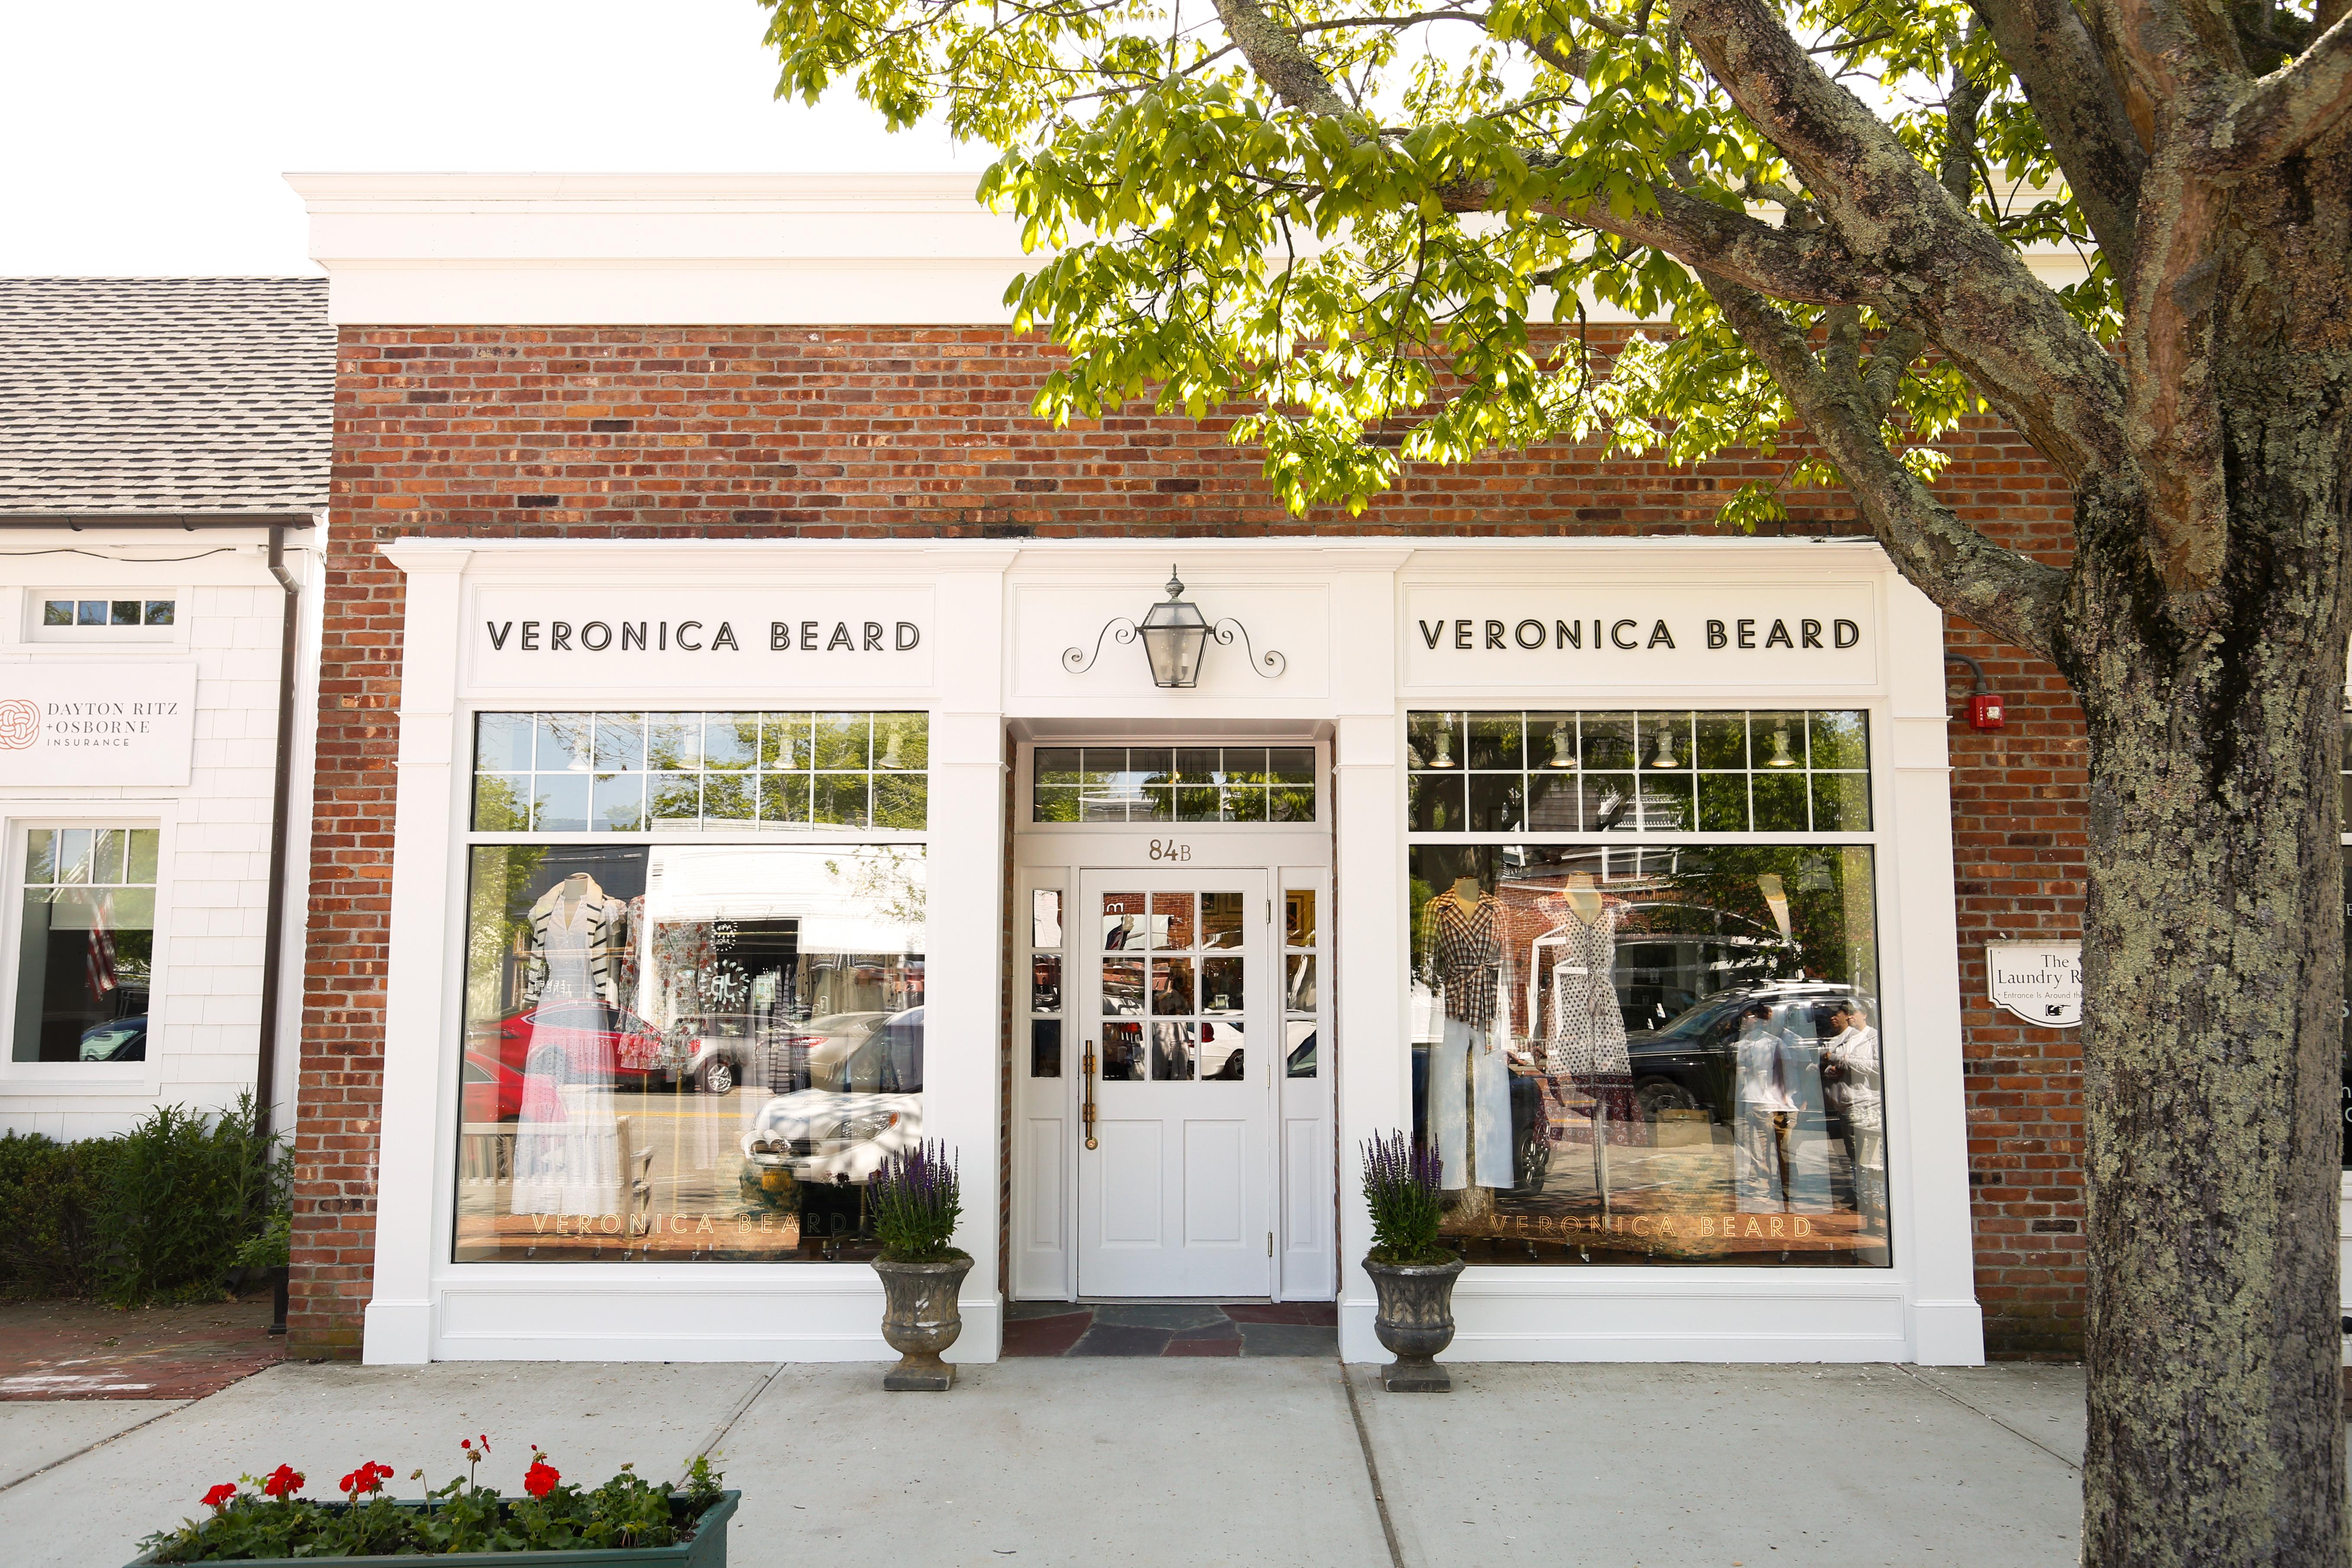 Veronica Beard 's store in Southampton, N.Y.